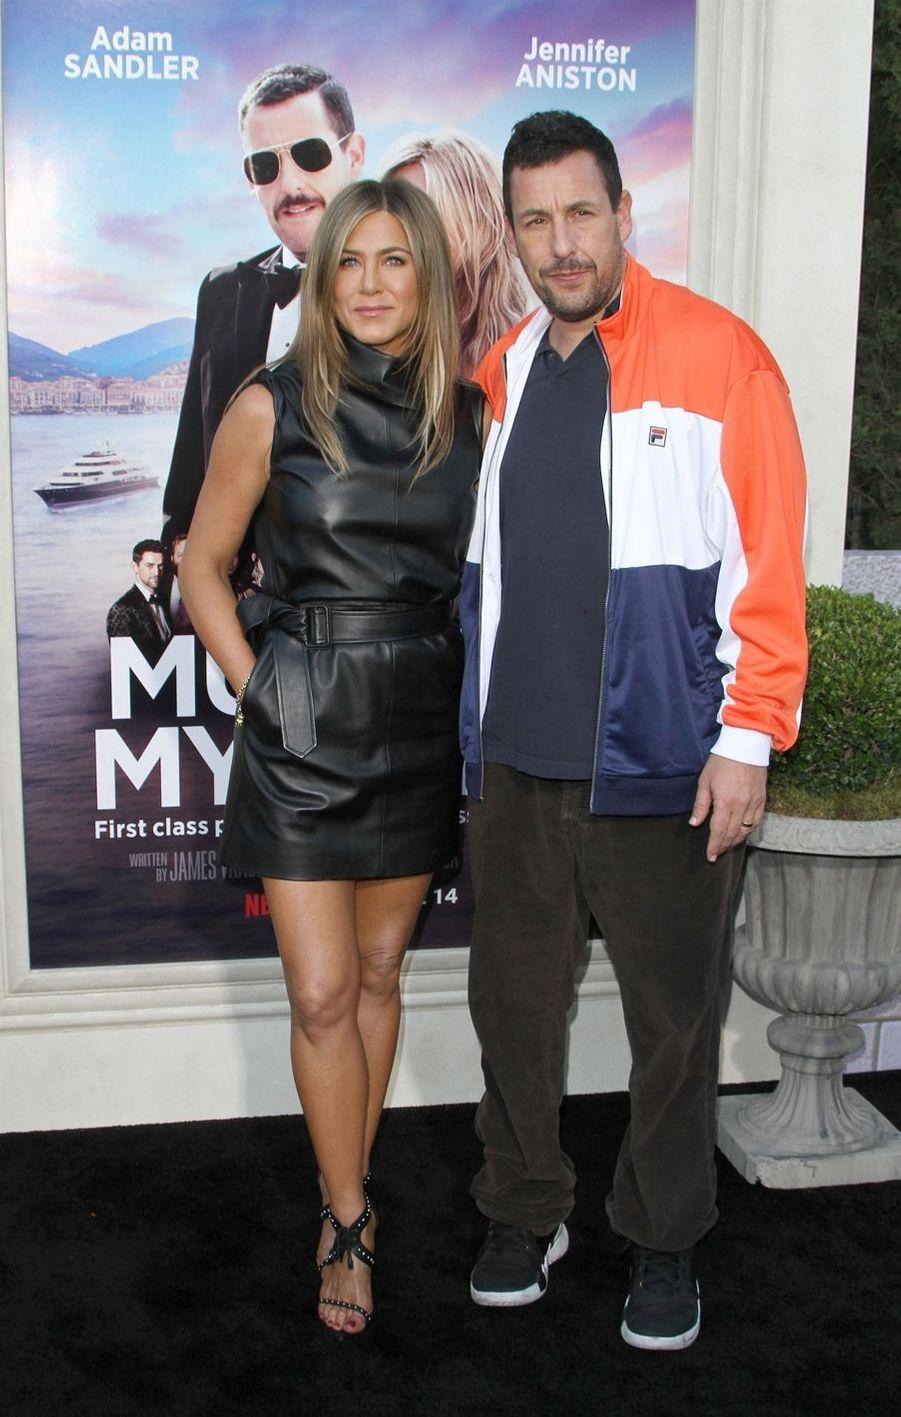 Jennifer Aniston et Adam Sandler à la première du film«Murder Mystery» le 10 juin à Los Angeles.